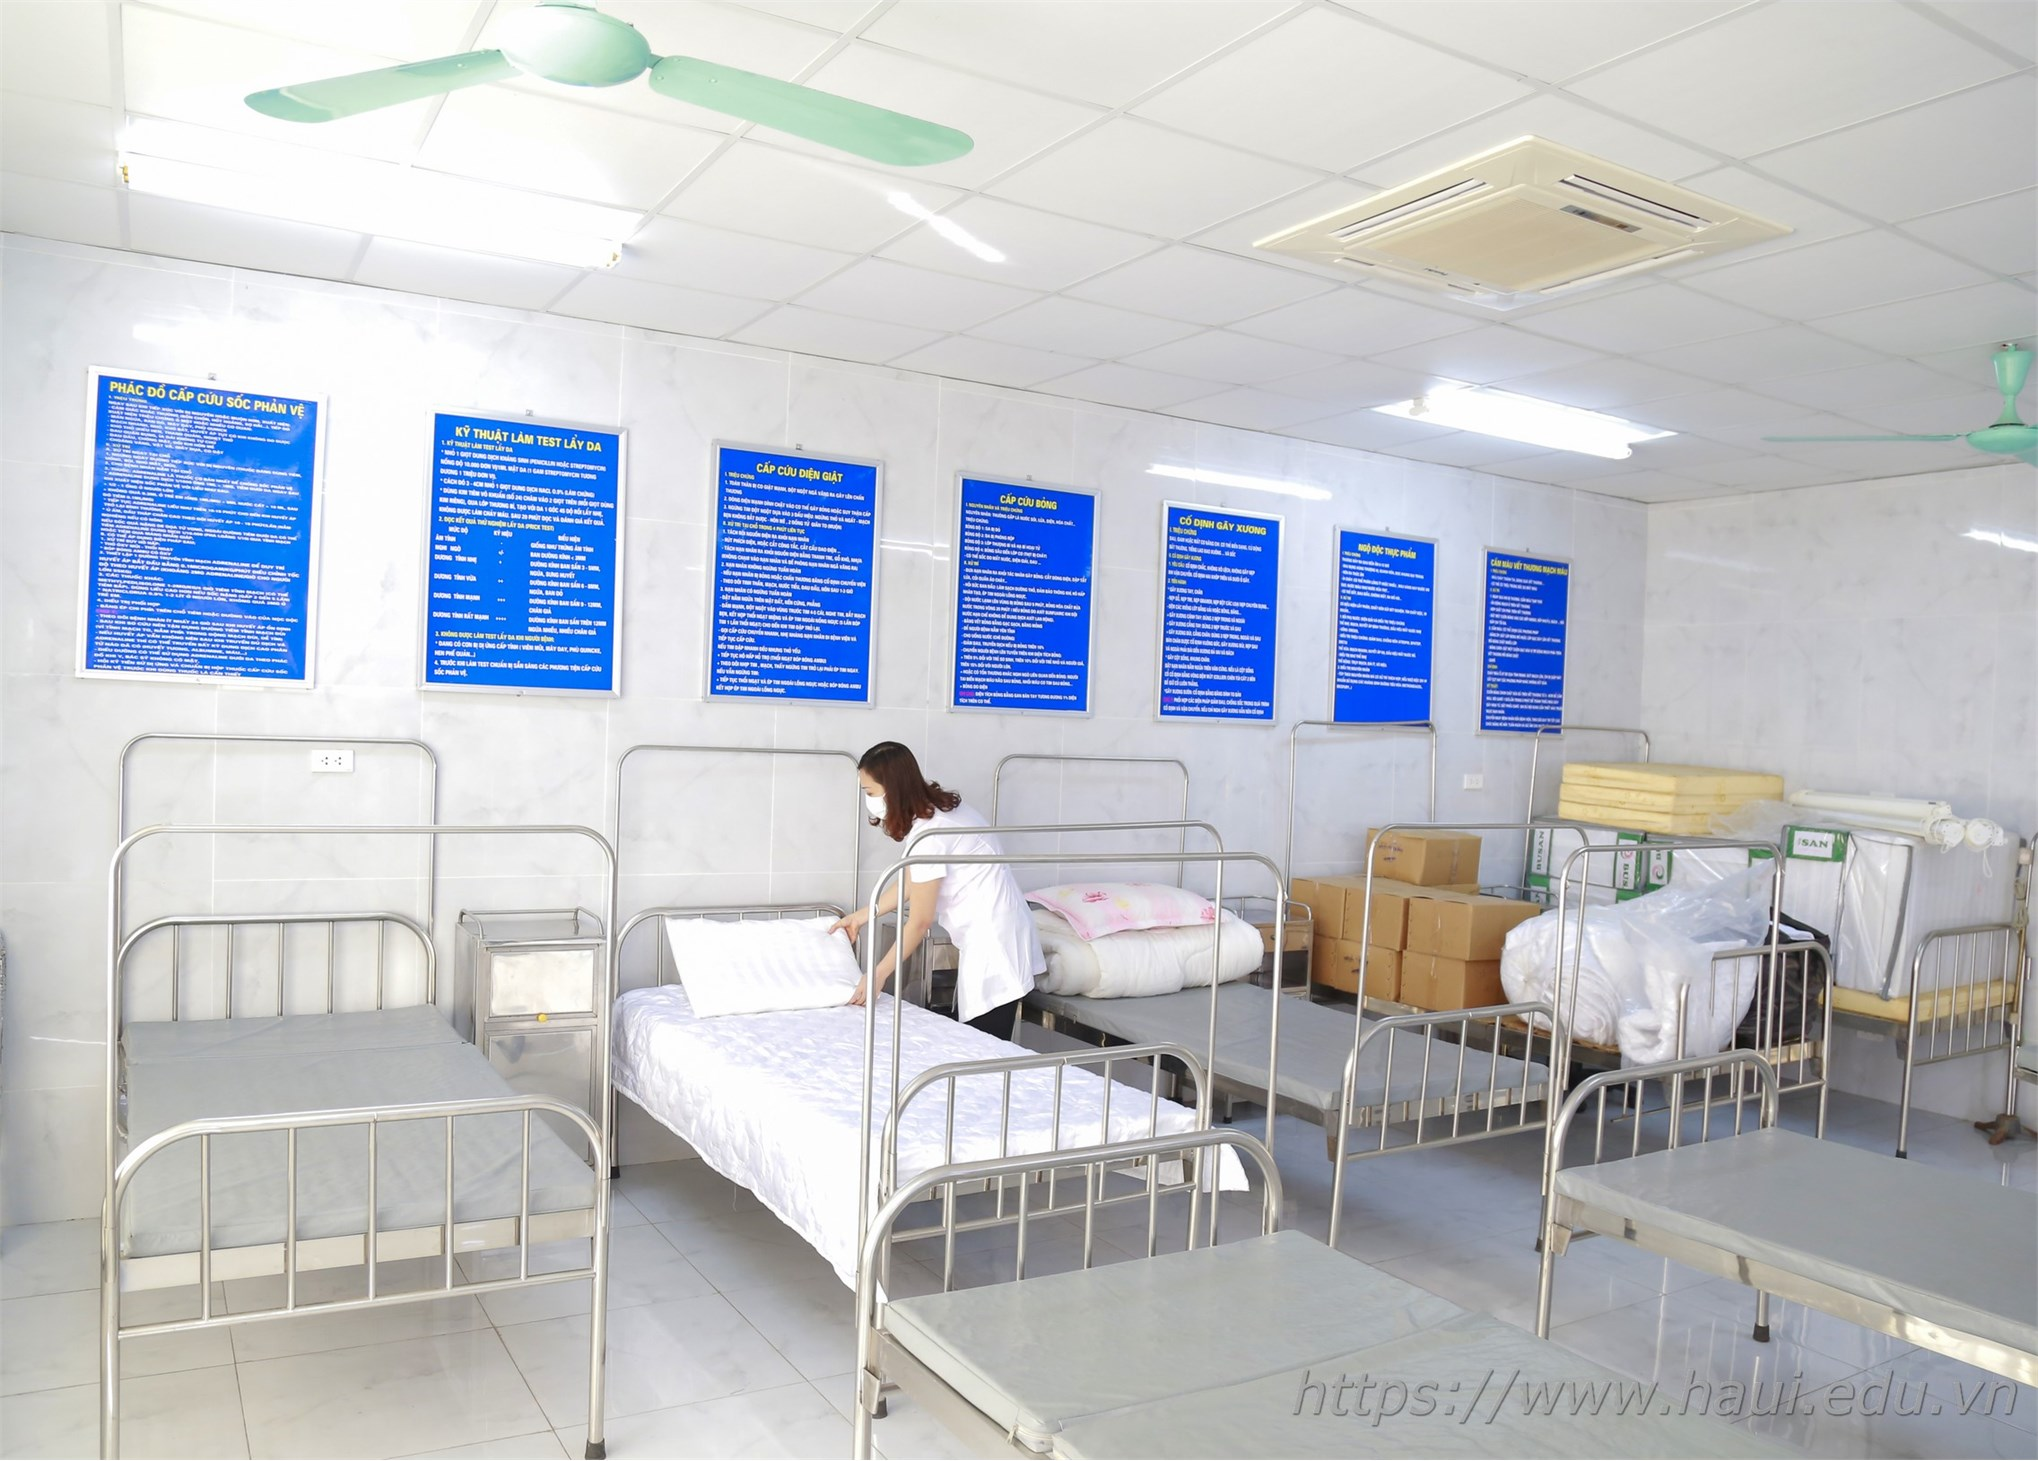 Đại học Công nghiệp Hà Nội: Sẵn sàng đón sinh viên trở lại trường học tập từ 04/5/2020